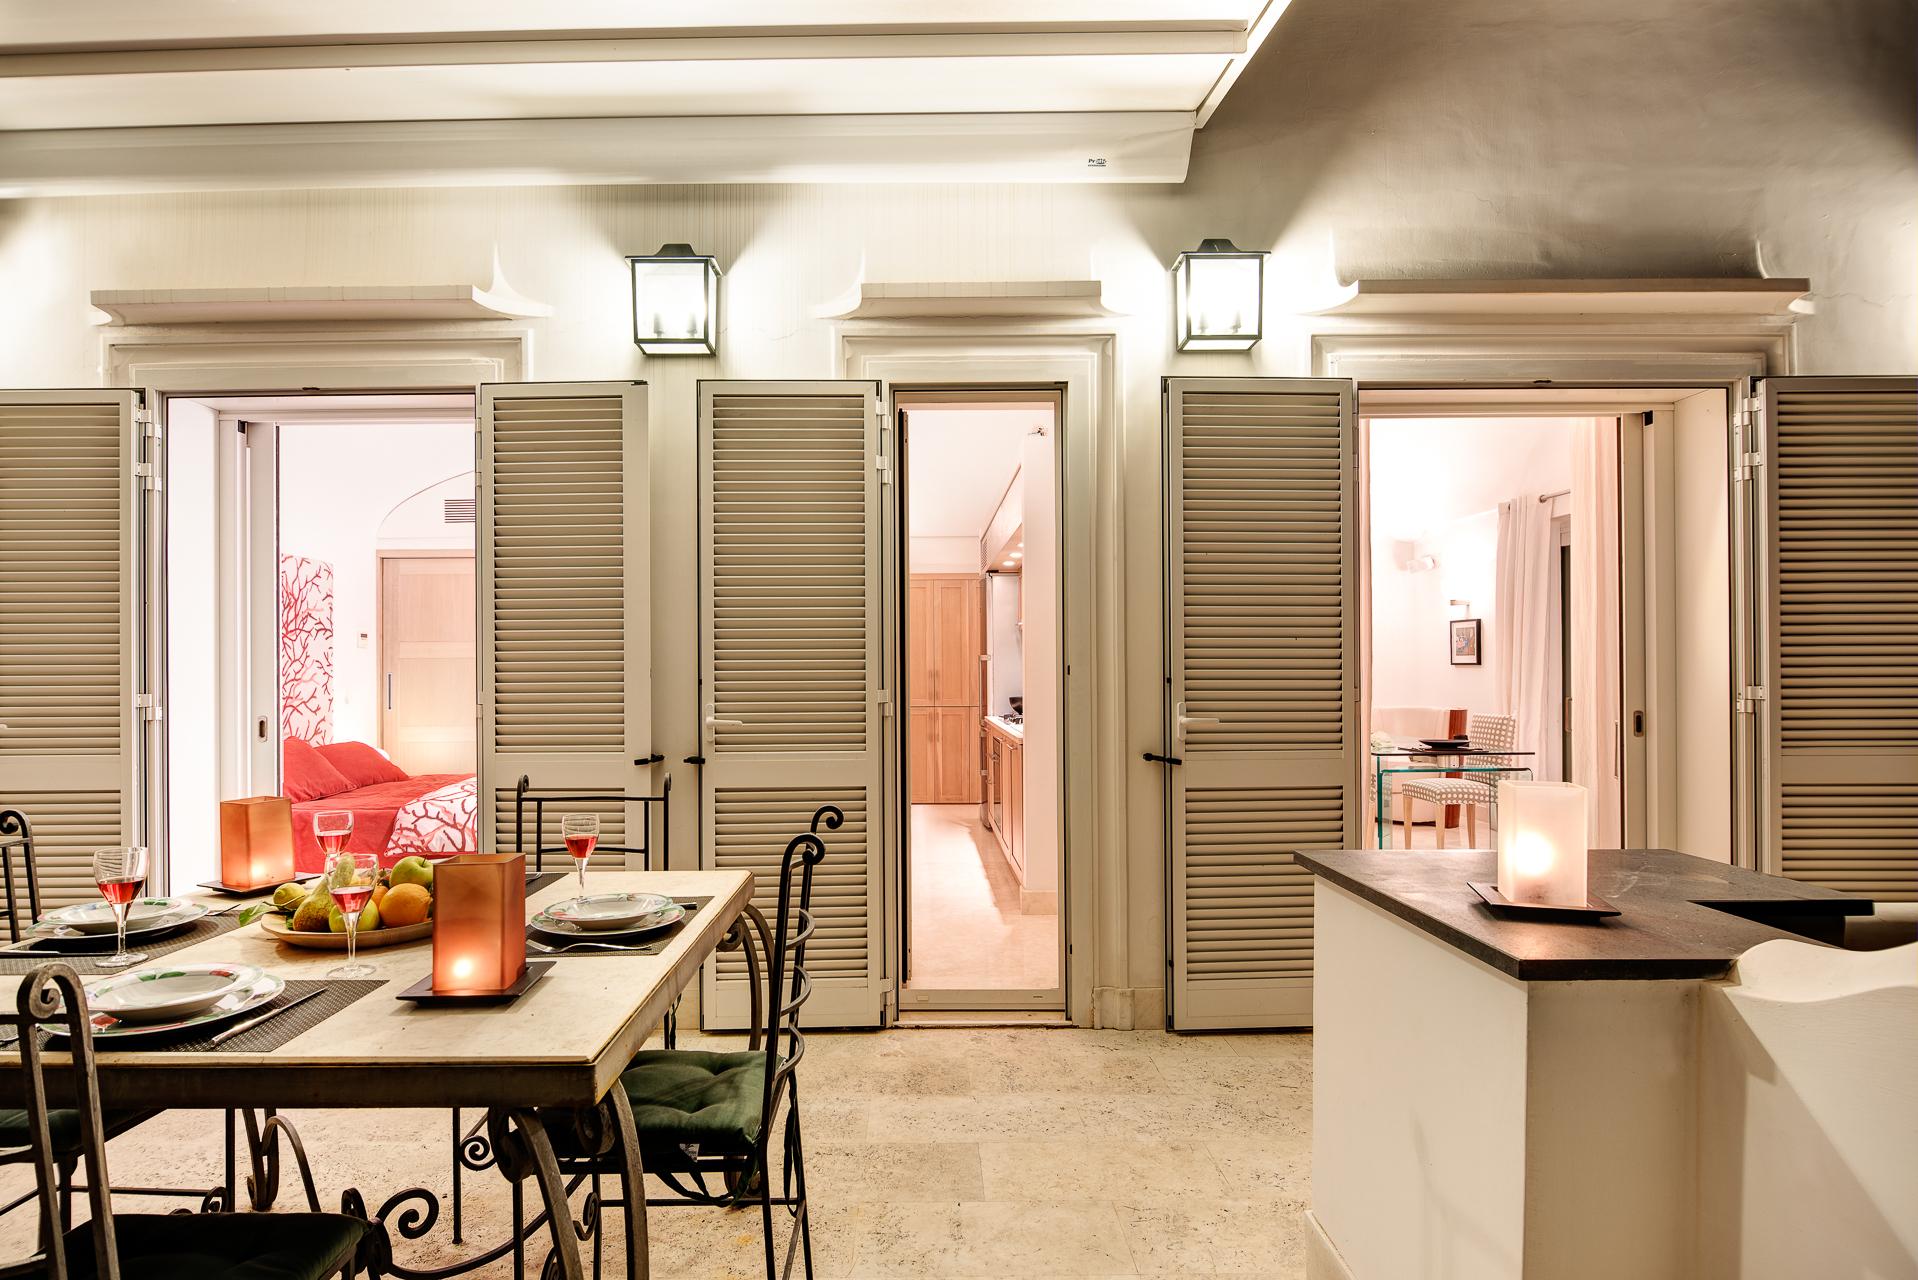 Apartment Villa Bougainvillea - Luxury Capri Villa with Views photo 19168832